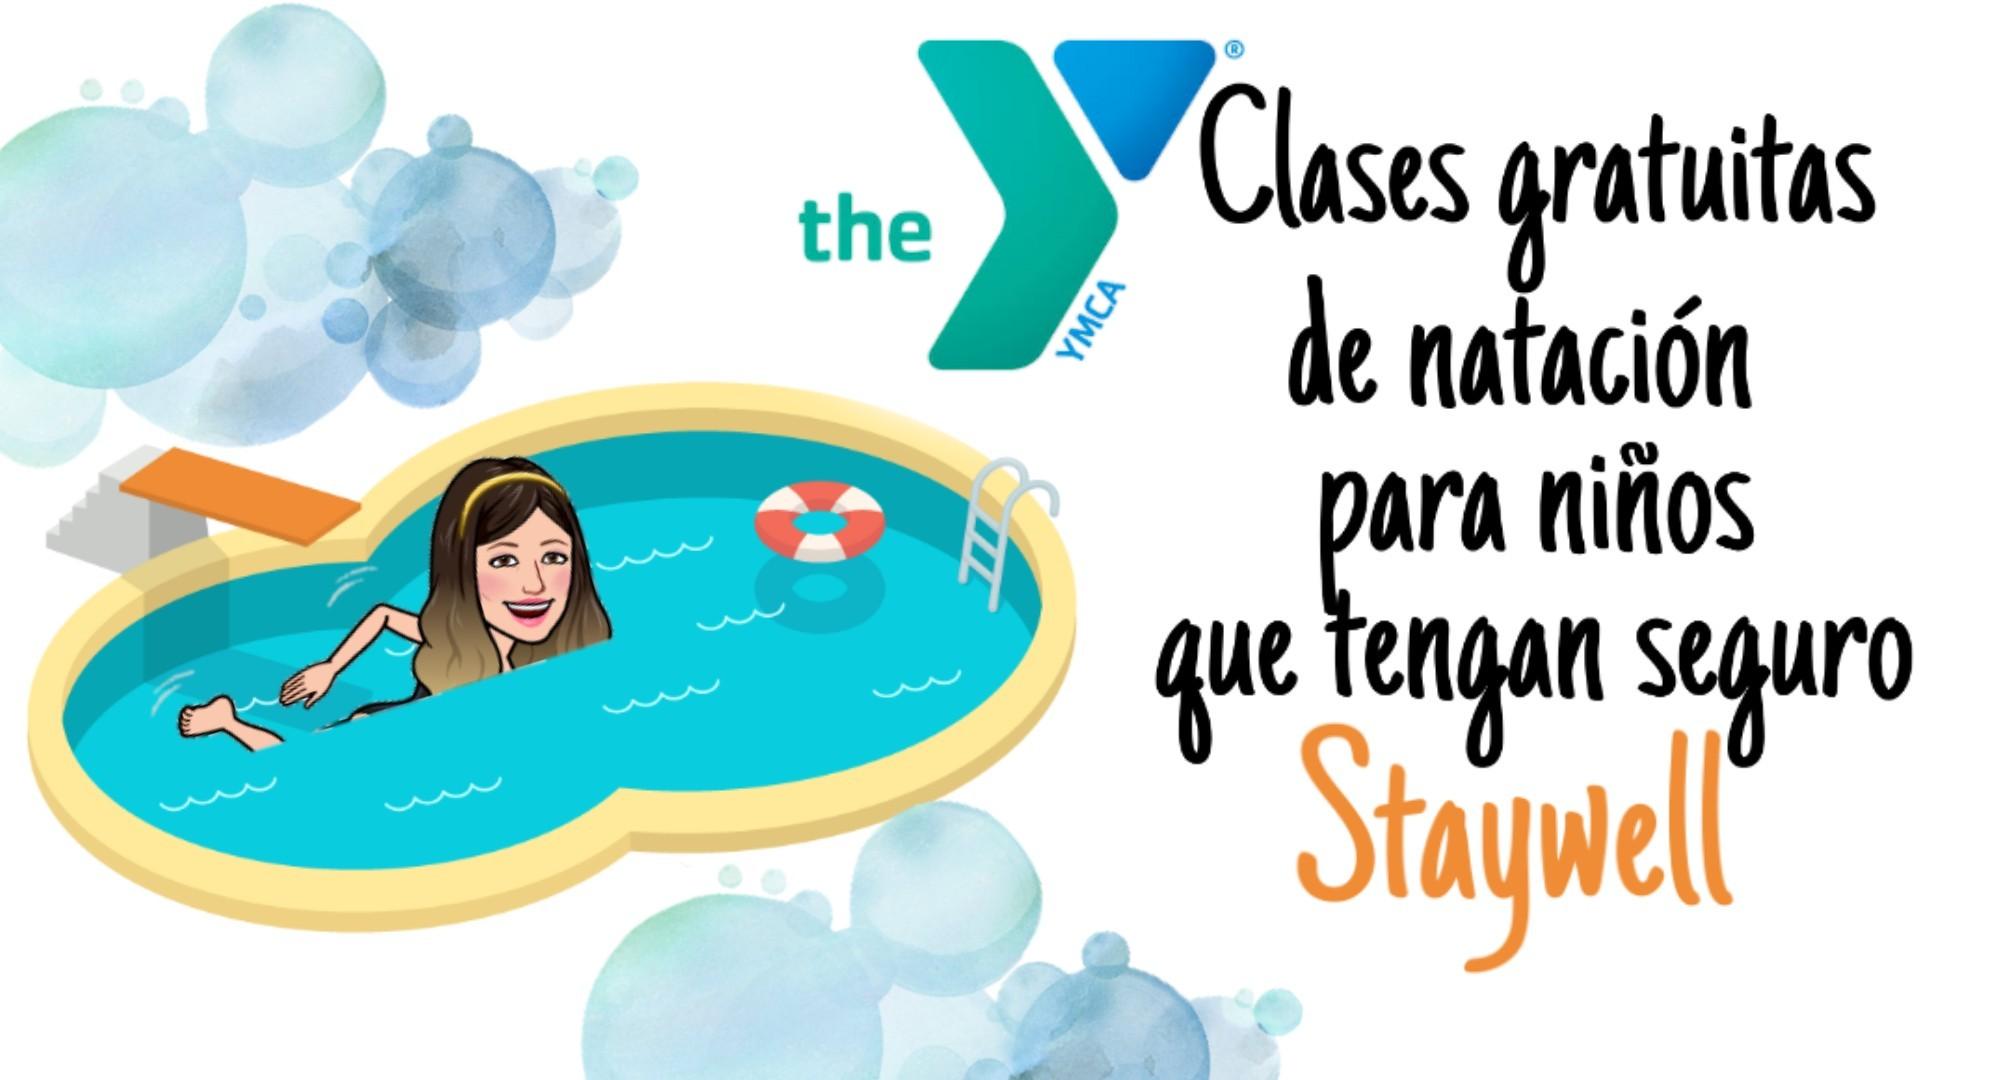 Clases de natación gratis para niños con Staywell en Estados Unidos